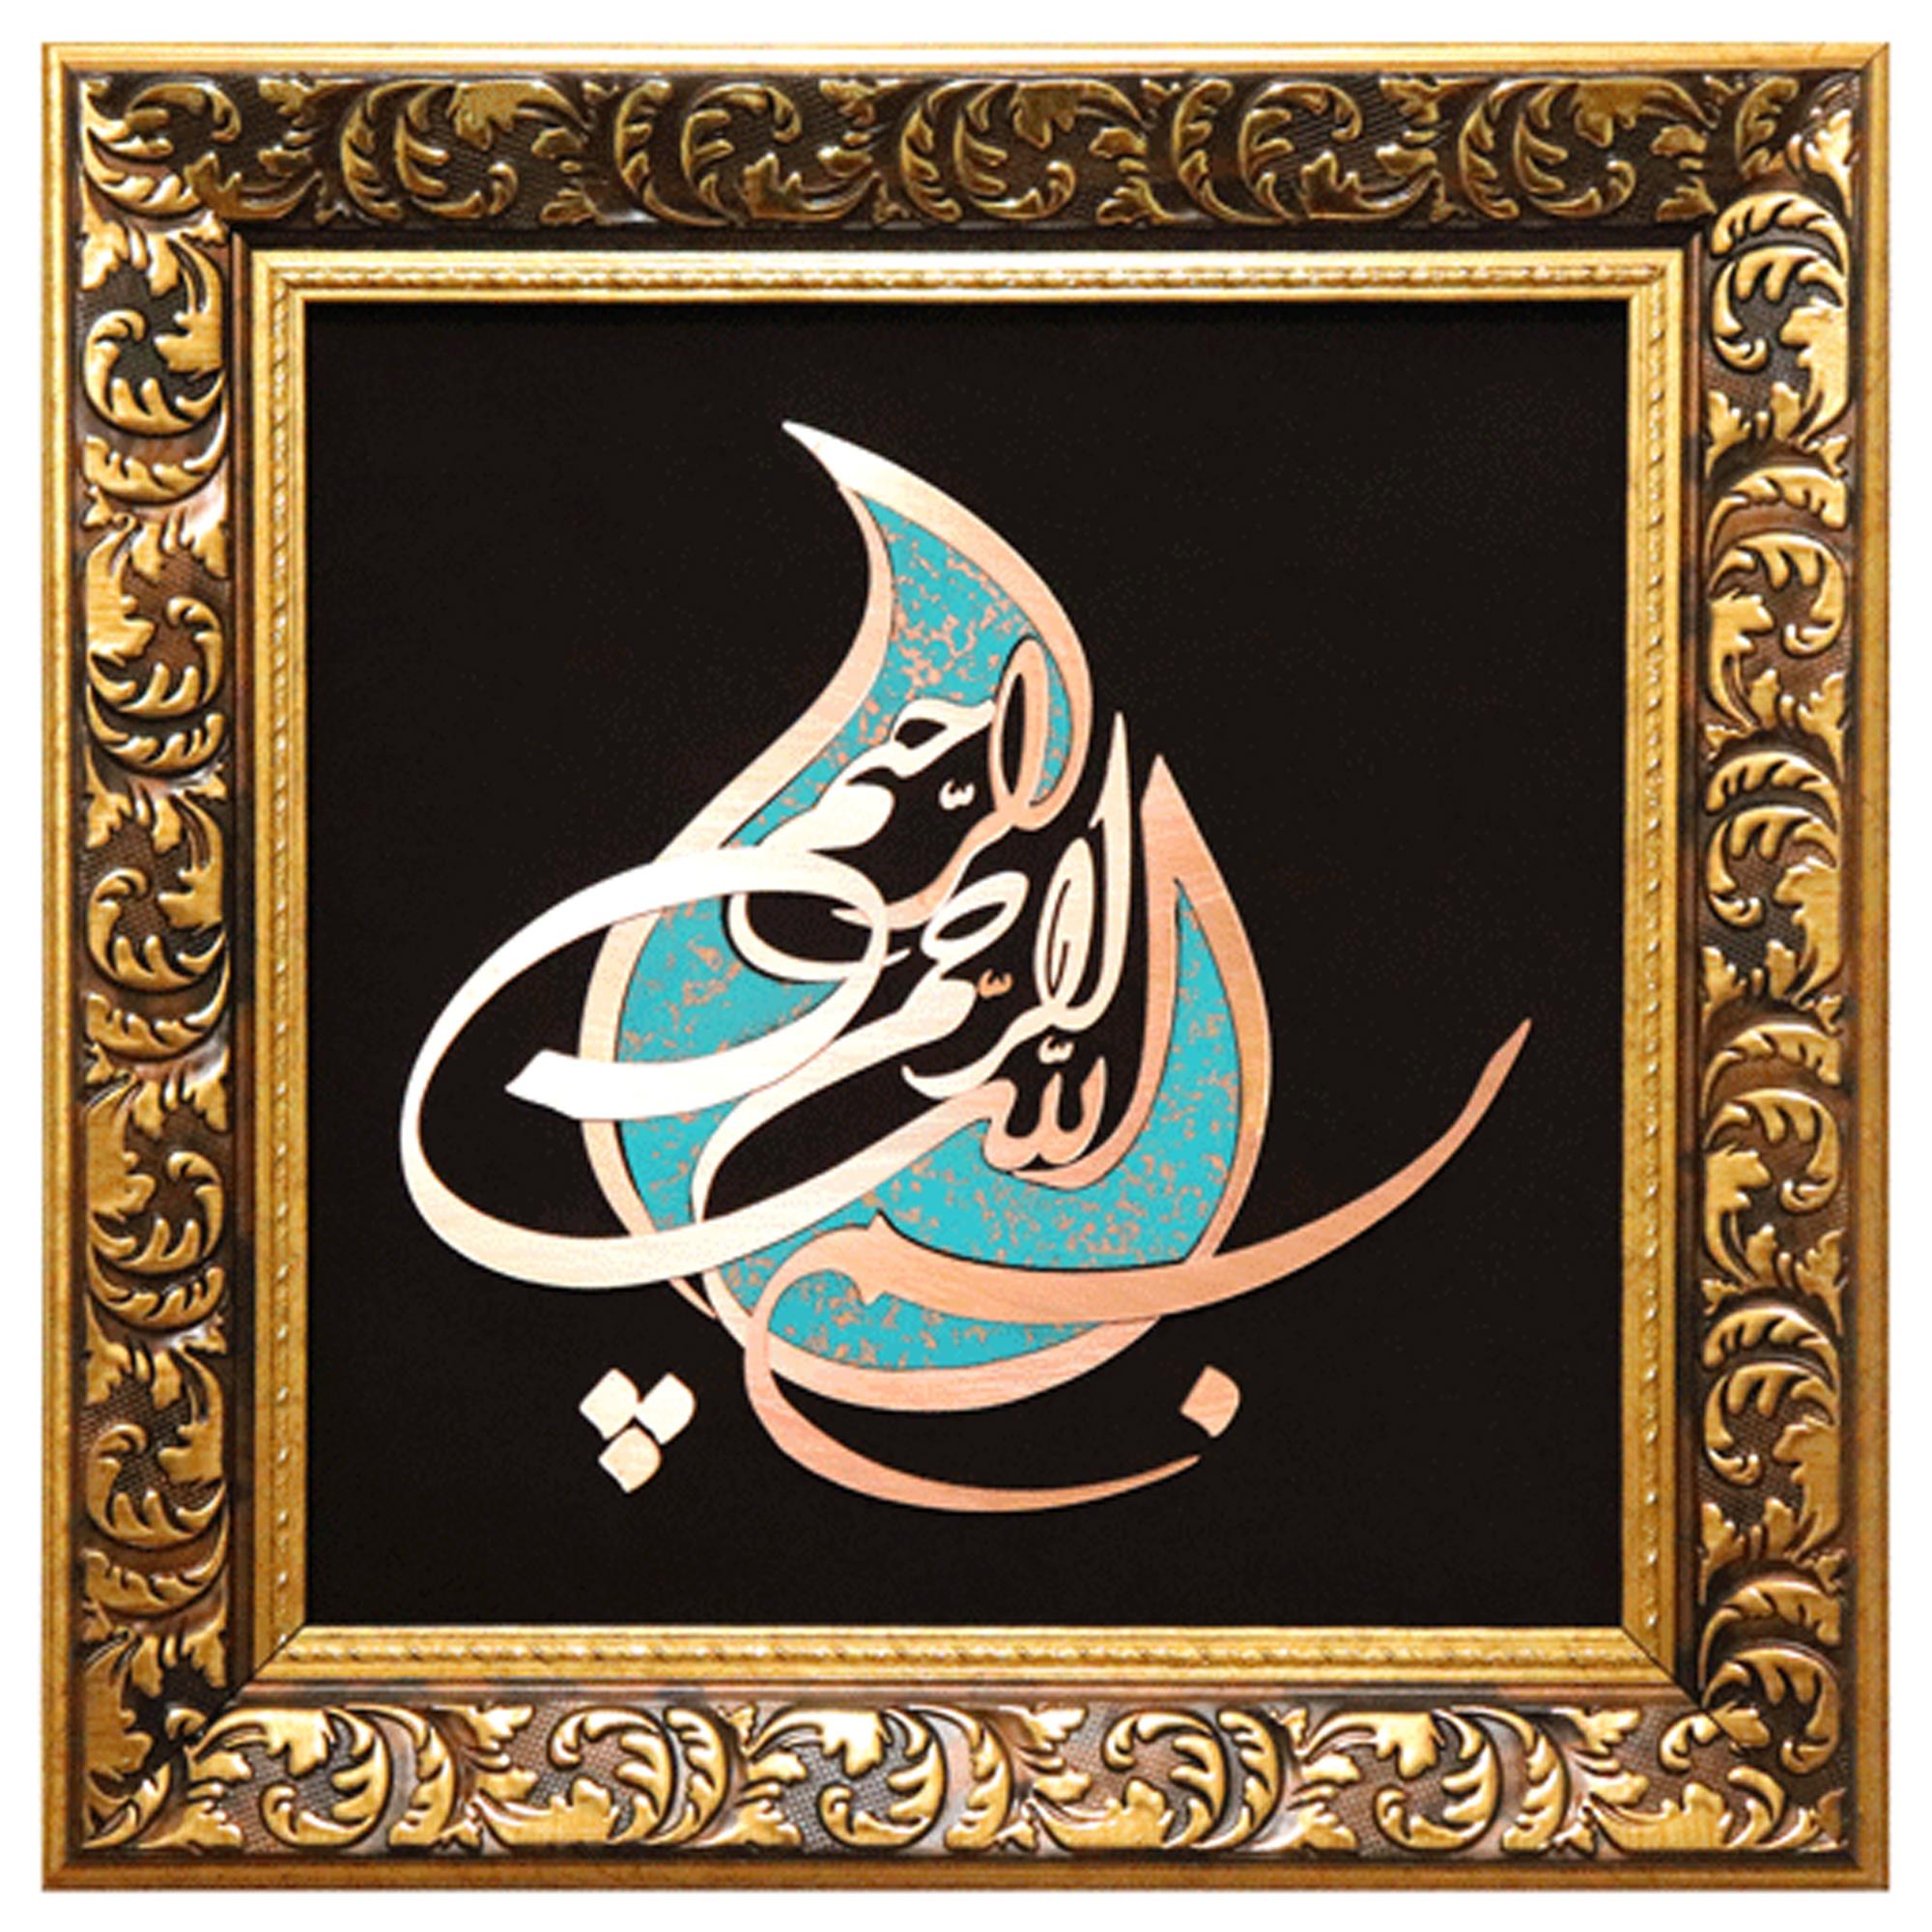 خرید                      تابلو معرق مس طرح بسم الله الرحمن الرحیم مدل قطره کد 1042